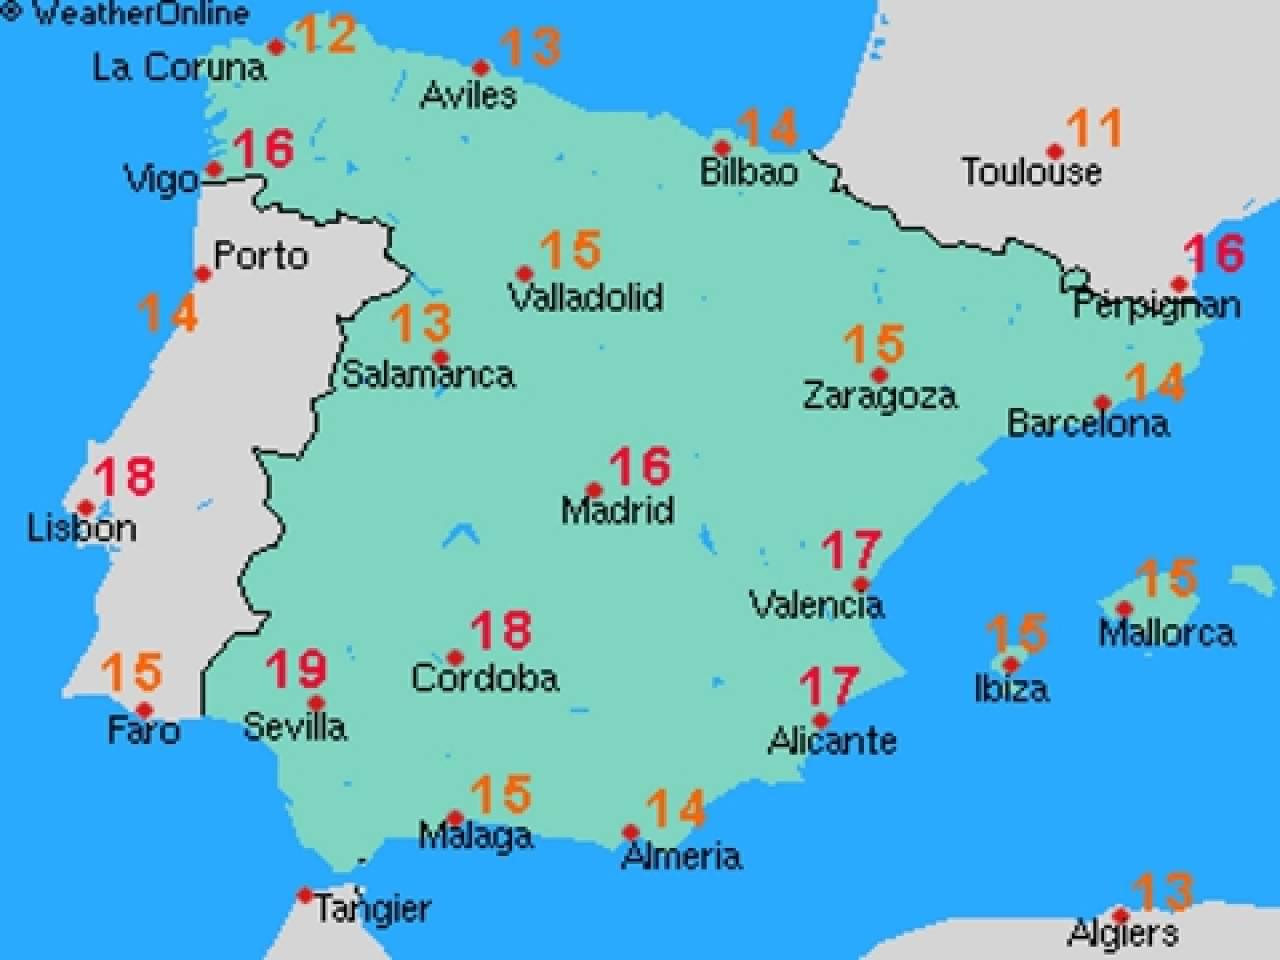 Spagna Ibiza Cartina Geografica.Previsioni Meteo Siviglia Spagna